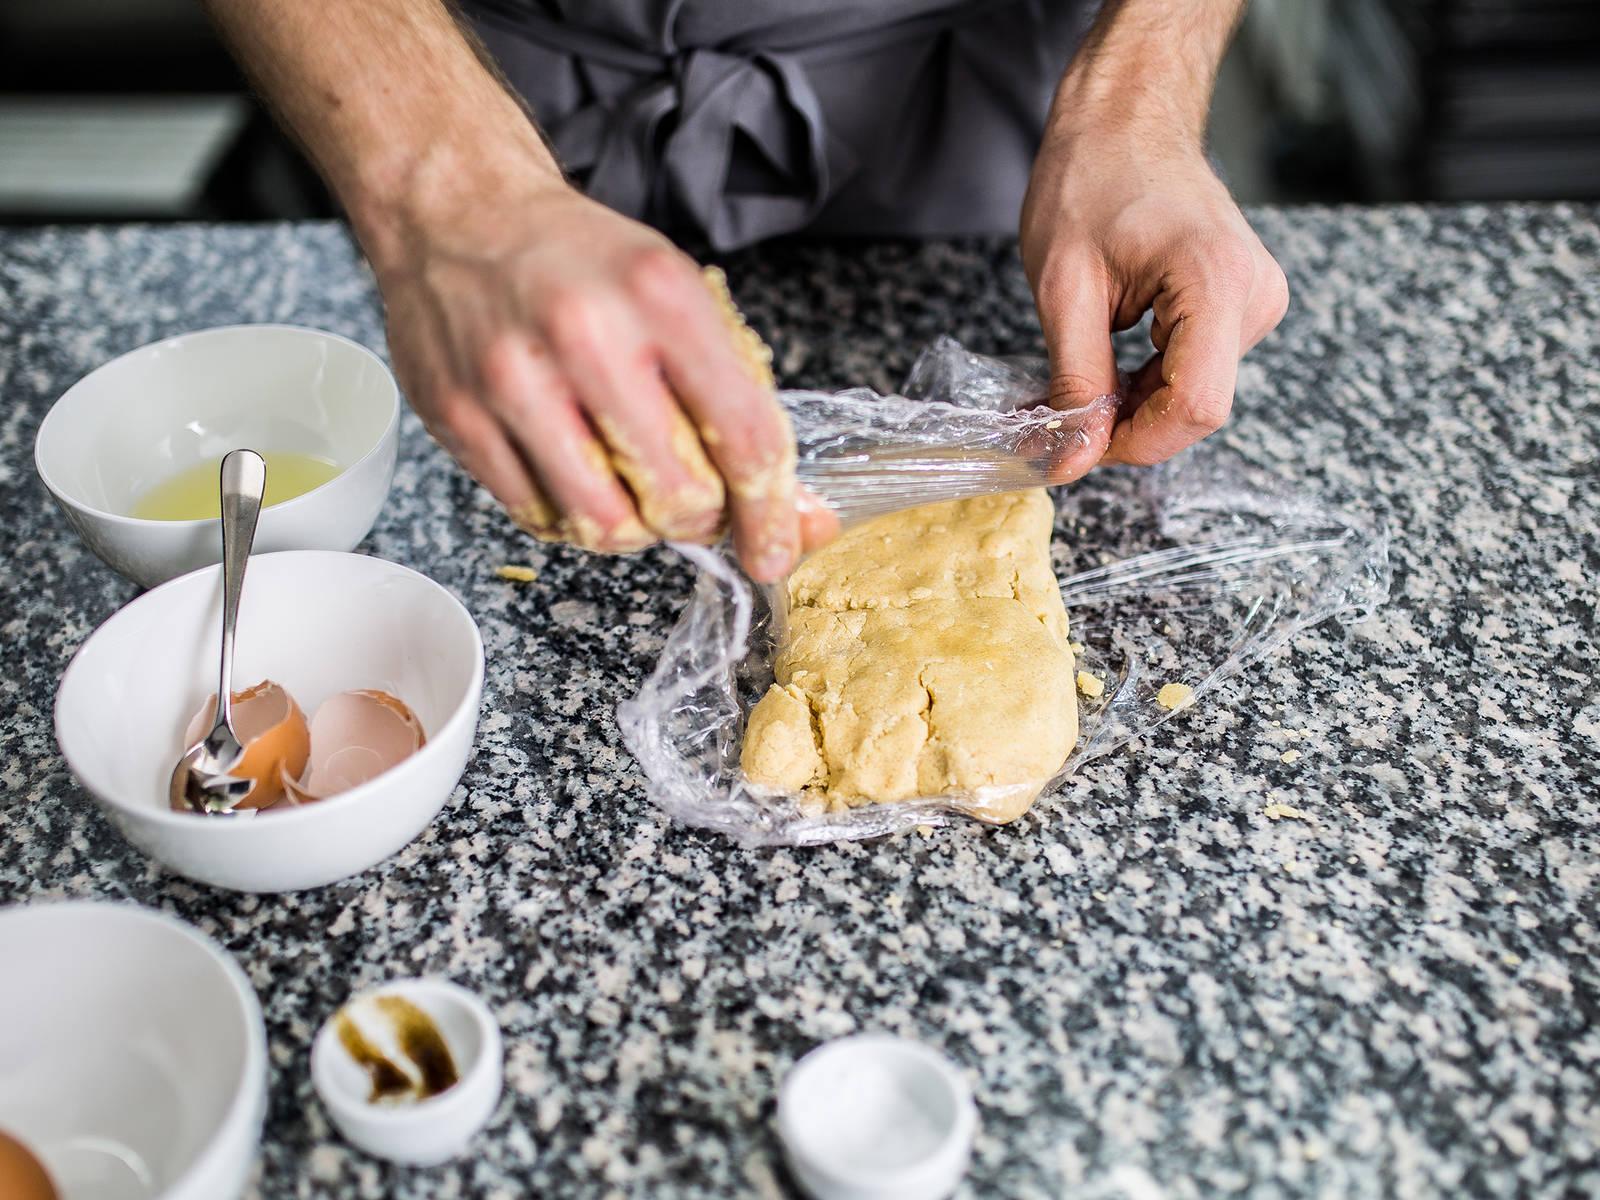 在搅拌碗中加入黄油、糖、蔗糖、盐、香草精华还有蛋黄,用手或者是用橡胶刮刀翻拌混合。加入面粉搓揉混合,揉至面团成型。